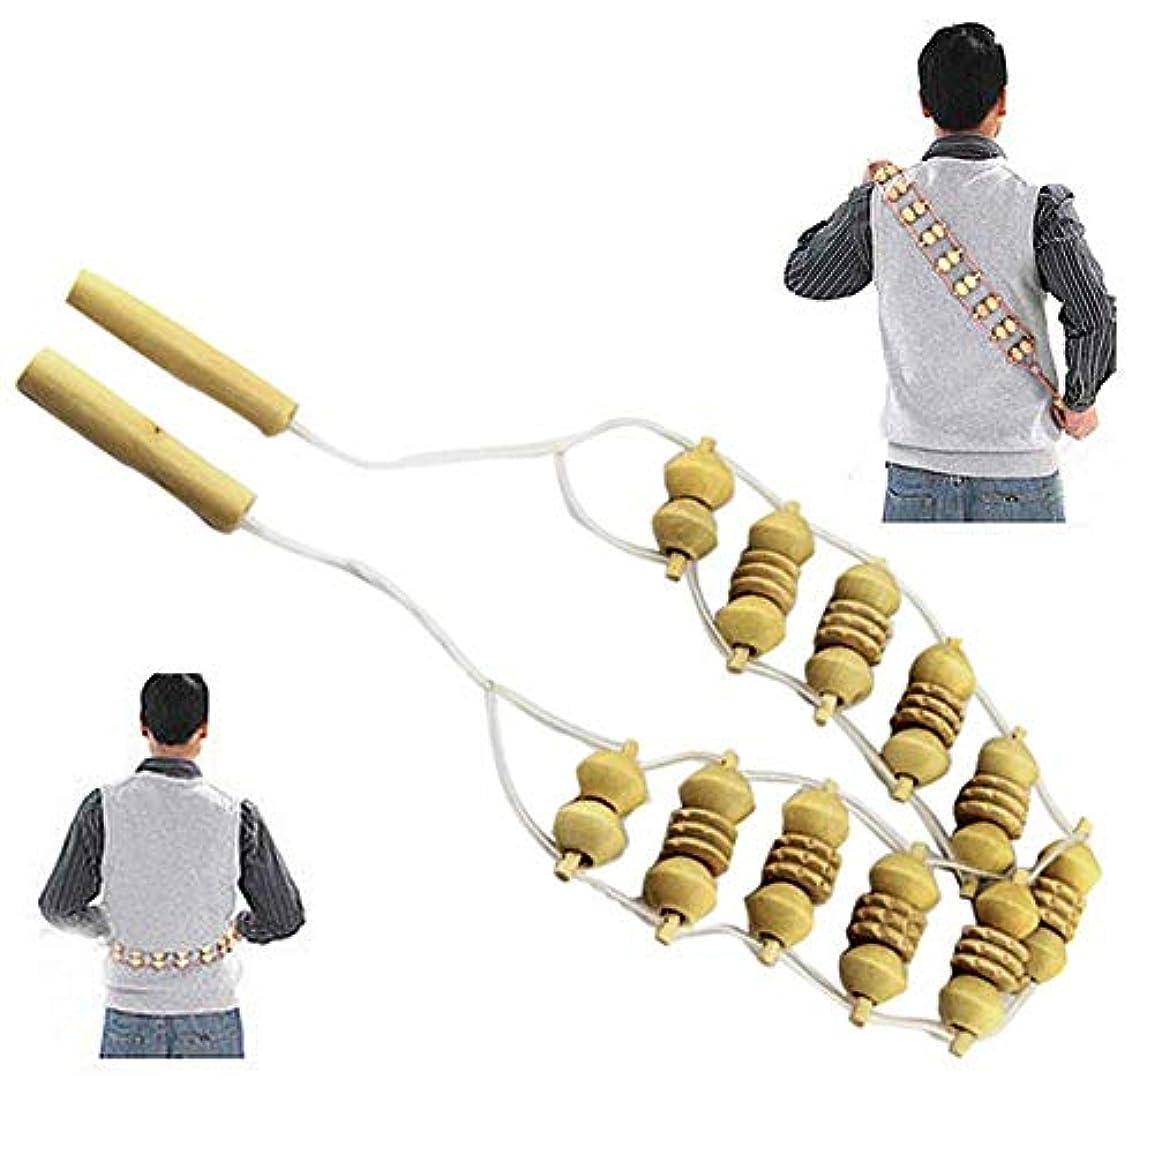 解き明かす発音吐き出すバックローラーマッサージャー、ウッドホイールバックウエストケアマッサージャーローラーベルトベルトラインマッサージャー、フルボディボール伝統的なローリング